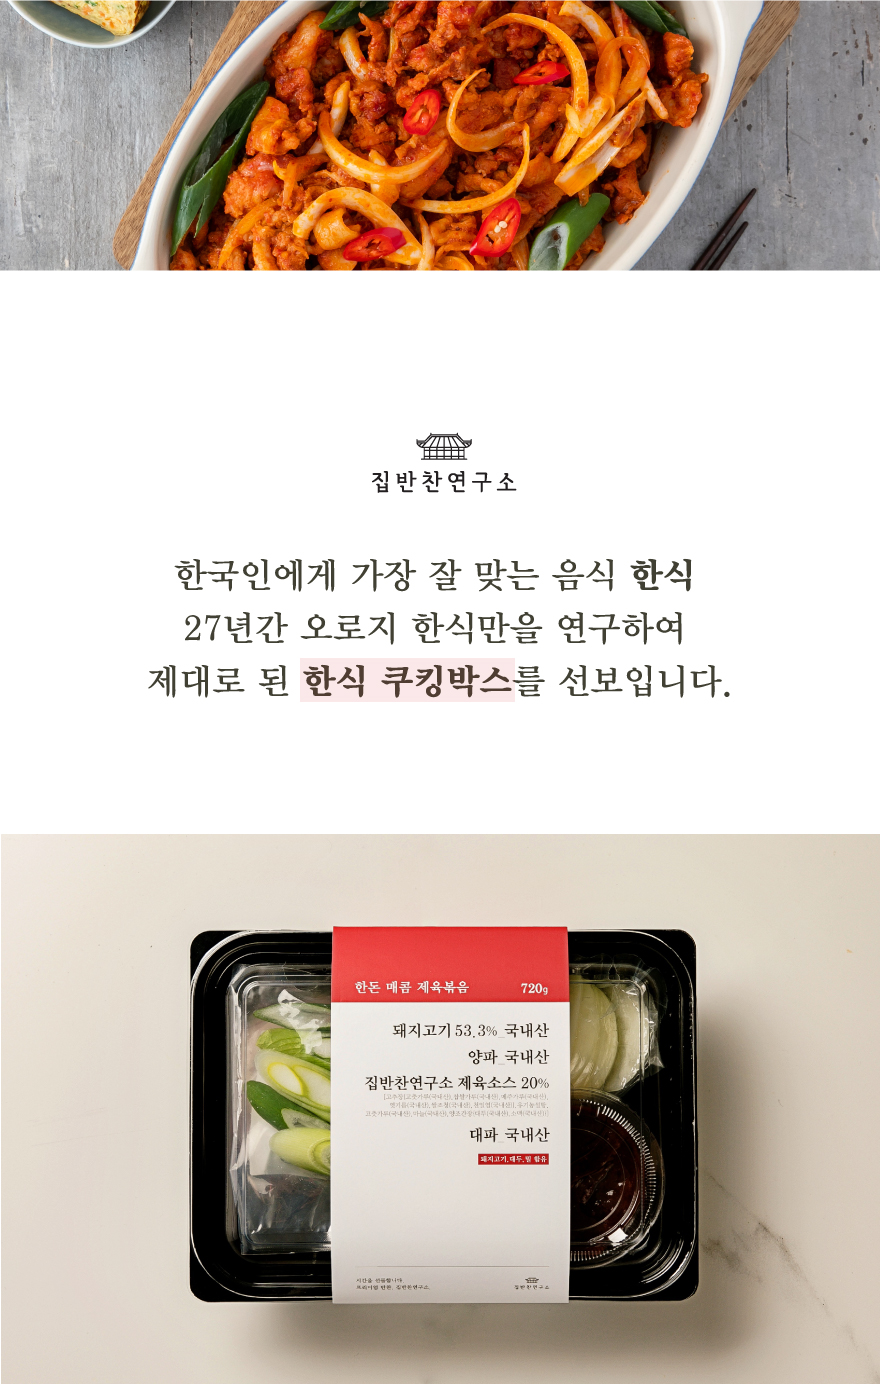 한국인이 가장 즐겨먹는 제육볶음 백반집이나 식당을 가서 한 번쯤은 꼭 제육볶음을 주문해보셨죠? 실패할 확률이 가장 적은 음식이지만, 그만큼 뛰어나게 맛있는 제육볶음을 찾기가 힘들어요. 한돈 제육볶음은 우리 돼지 한돈으로 만들어 육질이 부드러워요. 또한 특별한 제육소스로 버무려서 감칠맛과 깊은 맛을 두루 느껴보실 수 있습니다.